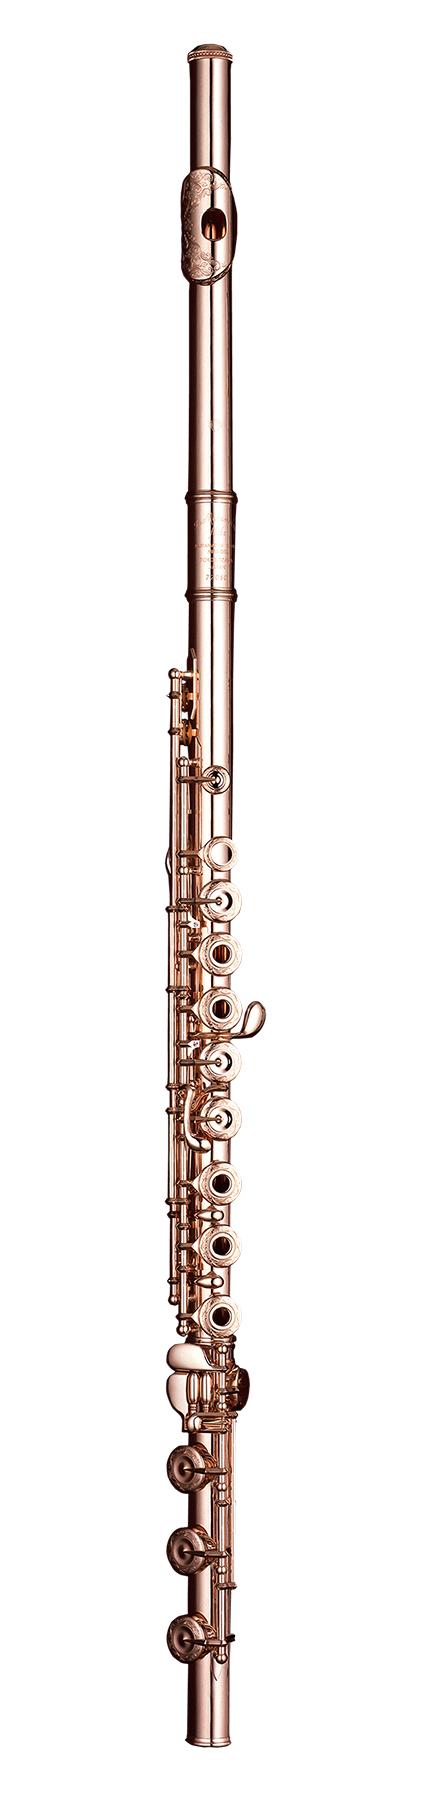 Muramatsu - 18+9 - K Go/Go SR - Type - RBEI - Holzblasinstrumente - Flöten mit E-Mechanik   MUSIK BERTRAM Deutschland Freiburg